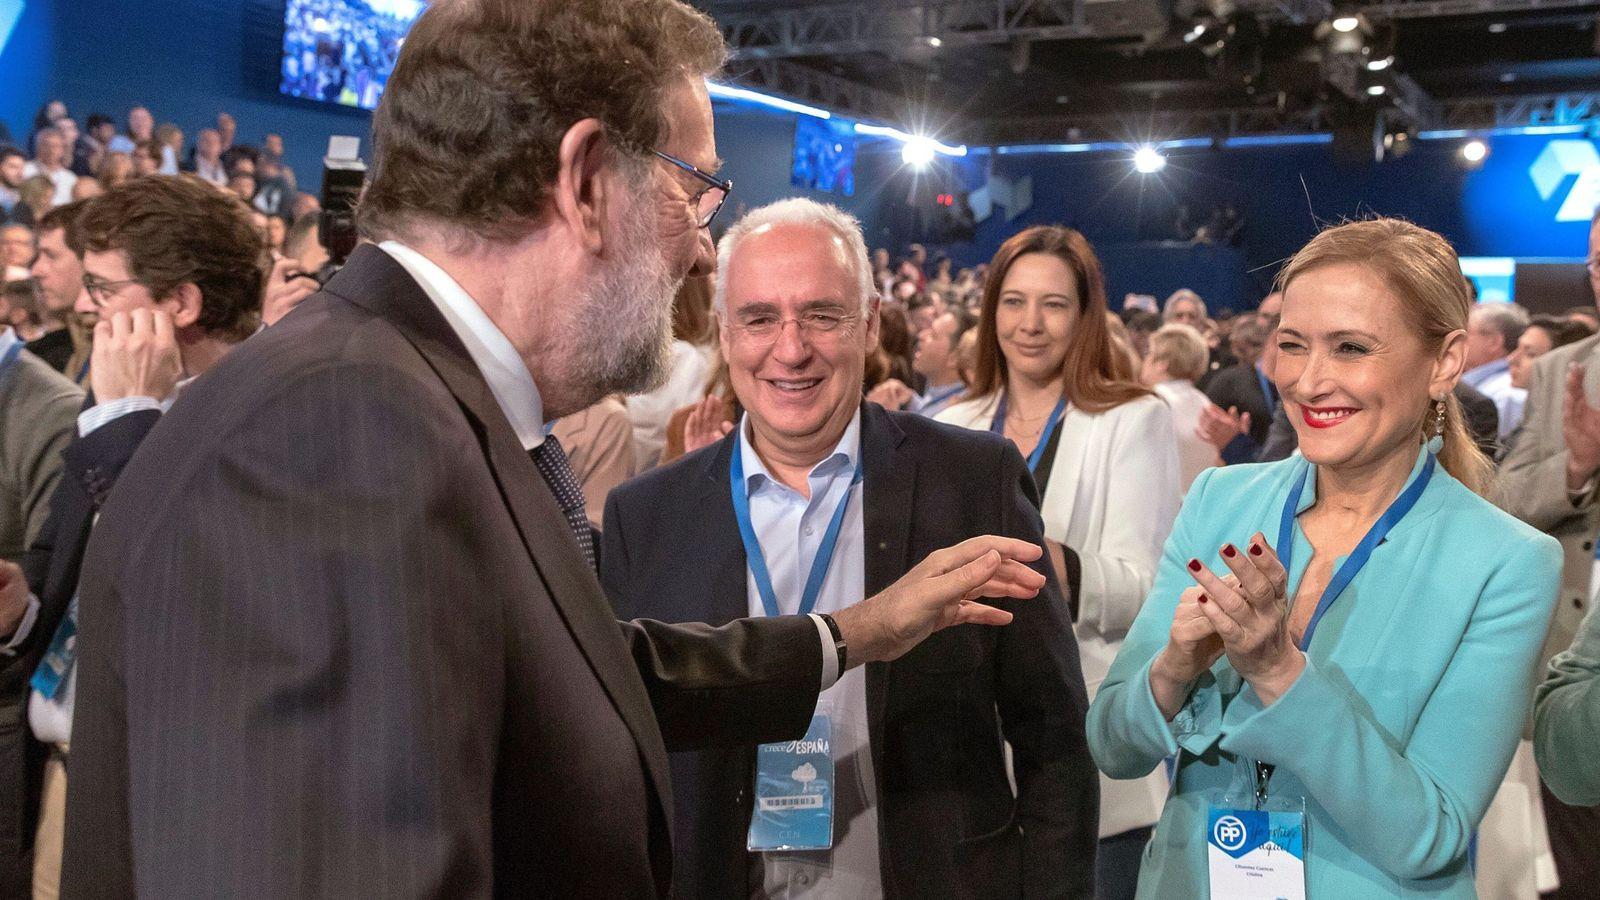 Foto: El presidente del Gobierno, Mariano Rajoy, saluda a la presidenta de la Comunidad de Madrid, Cristina Cifuentes, al comienzo del acto de clausura de la convención nacional del PP. (EFE)